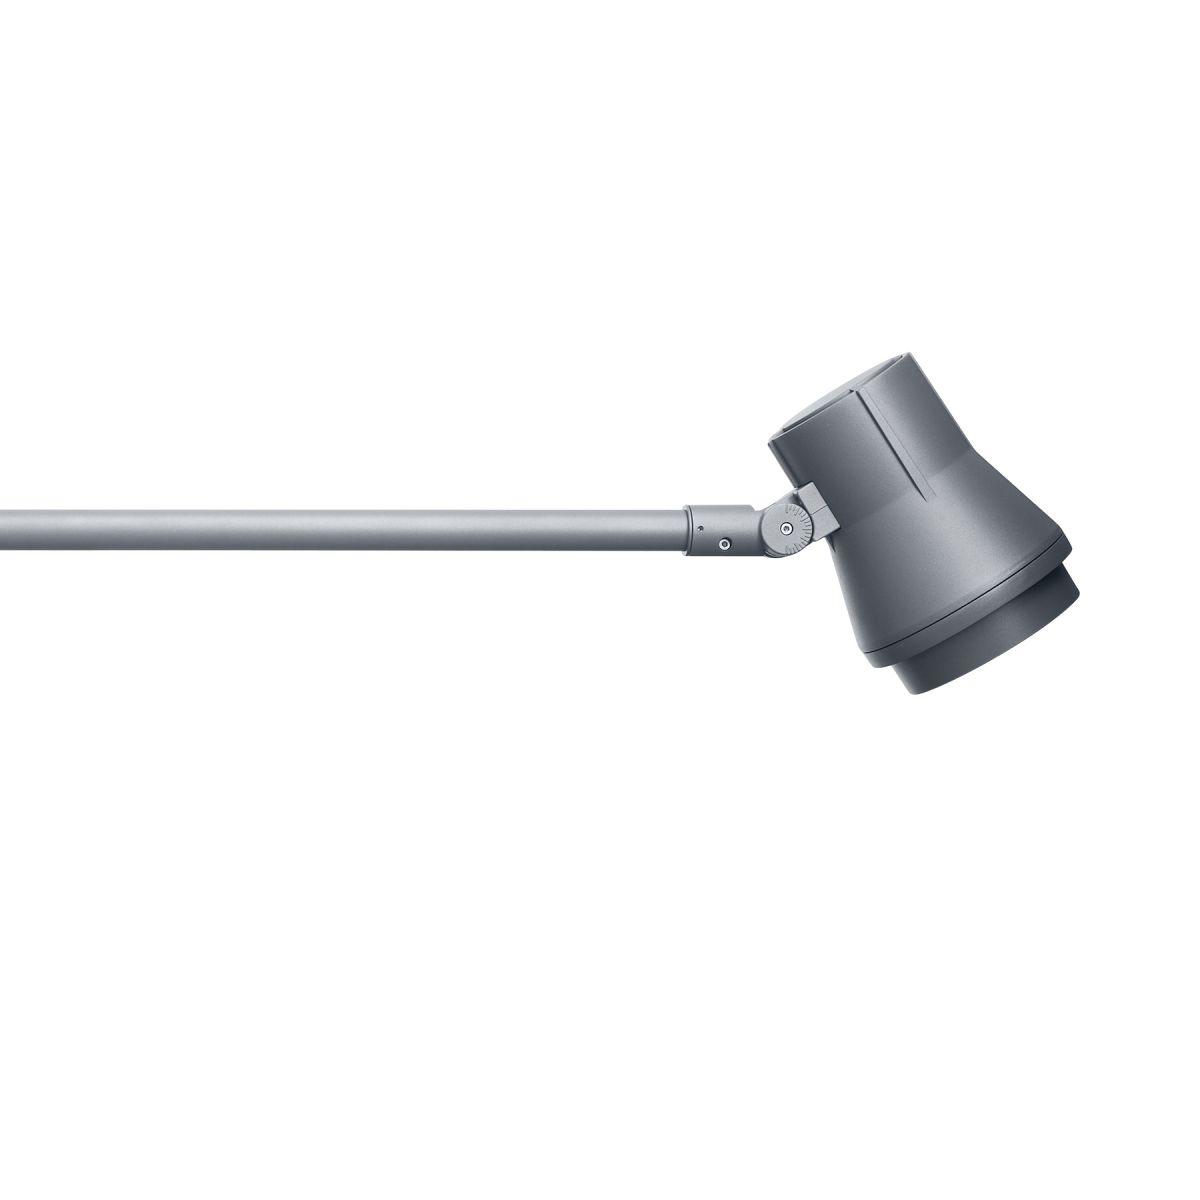 Medium SONIC - Gear Arm